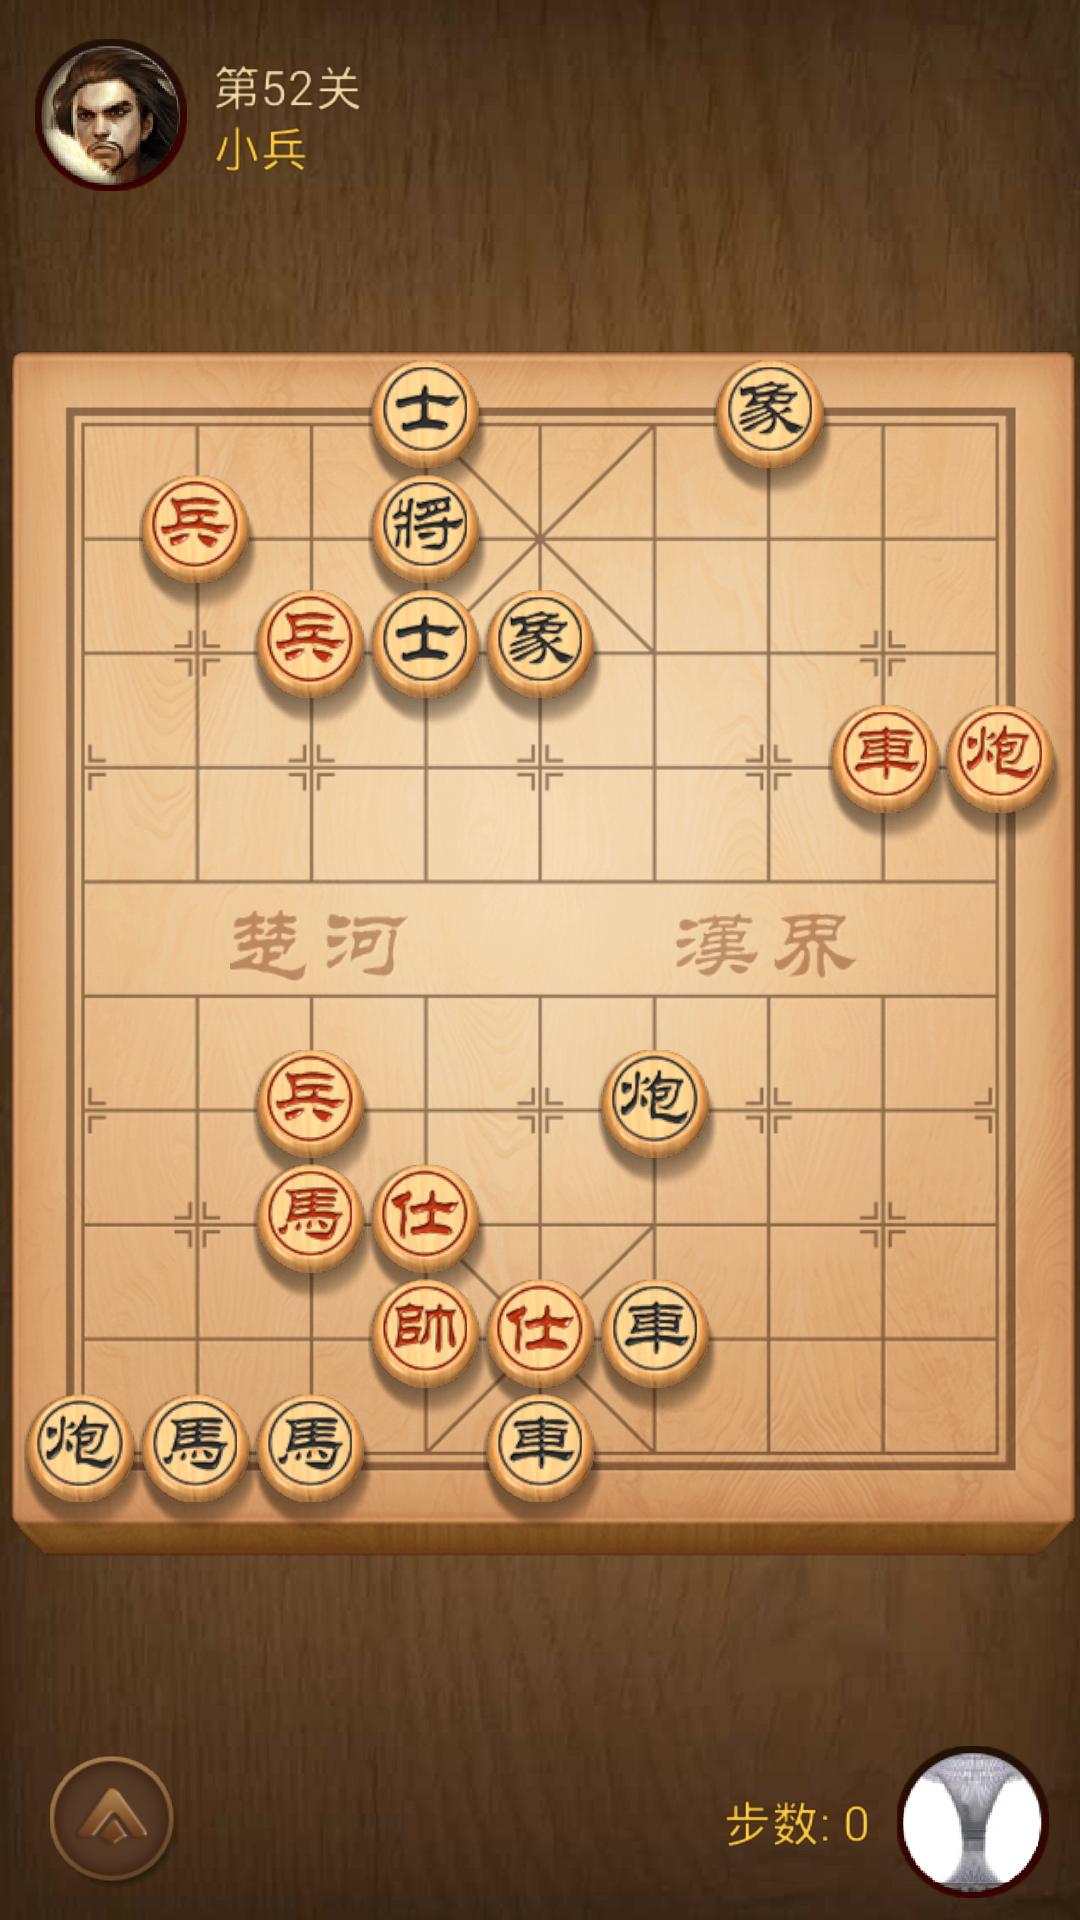 中国象棋,这残局怎么破图片